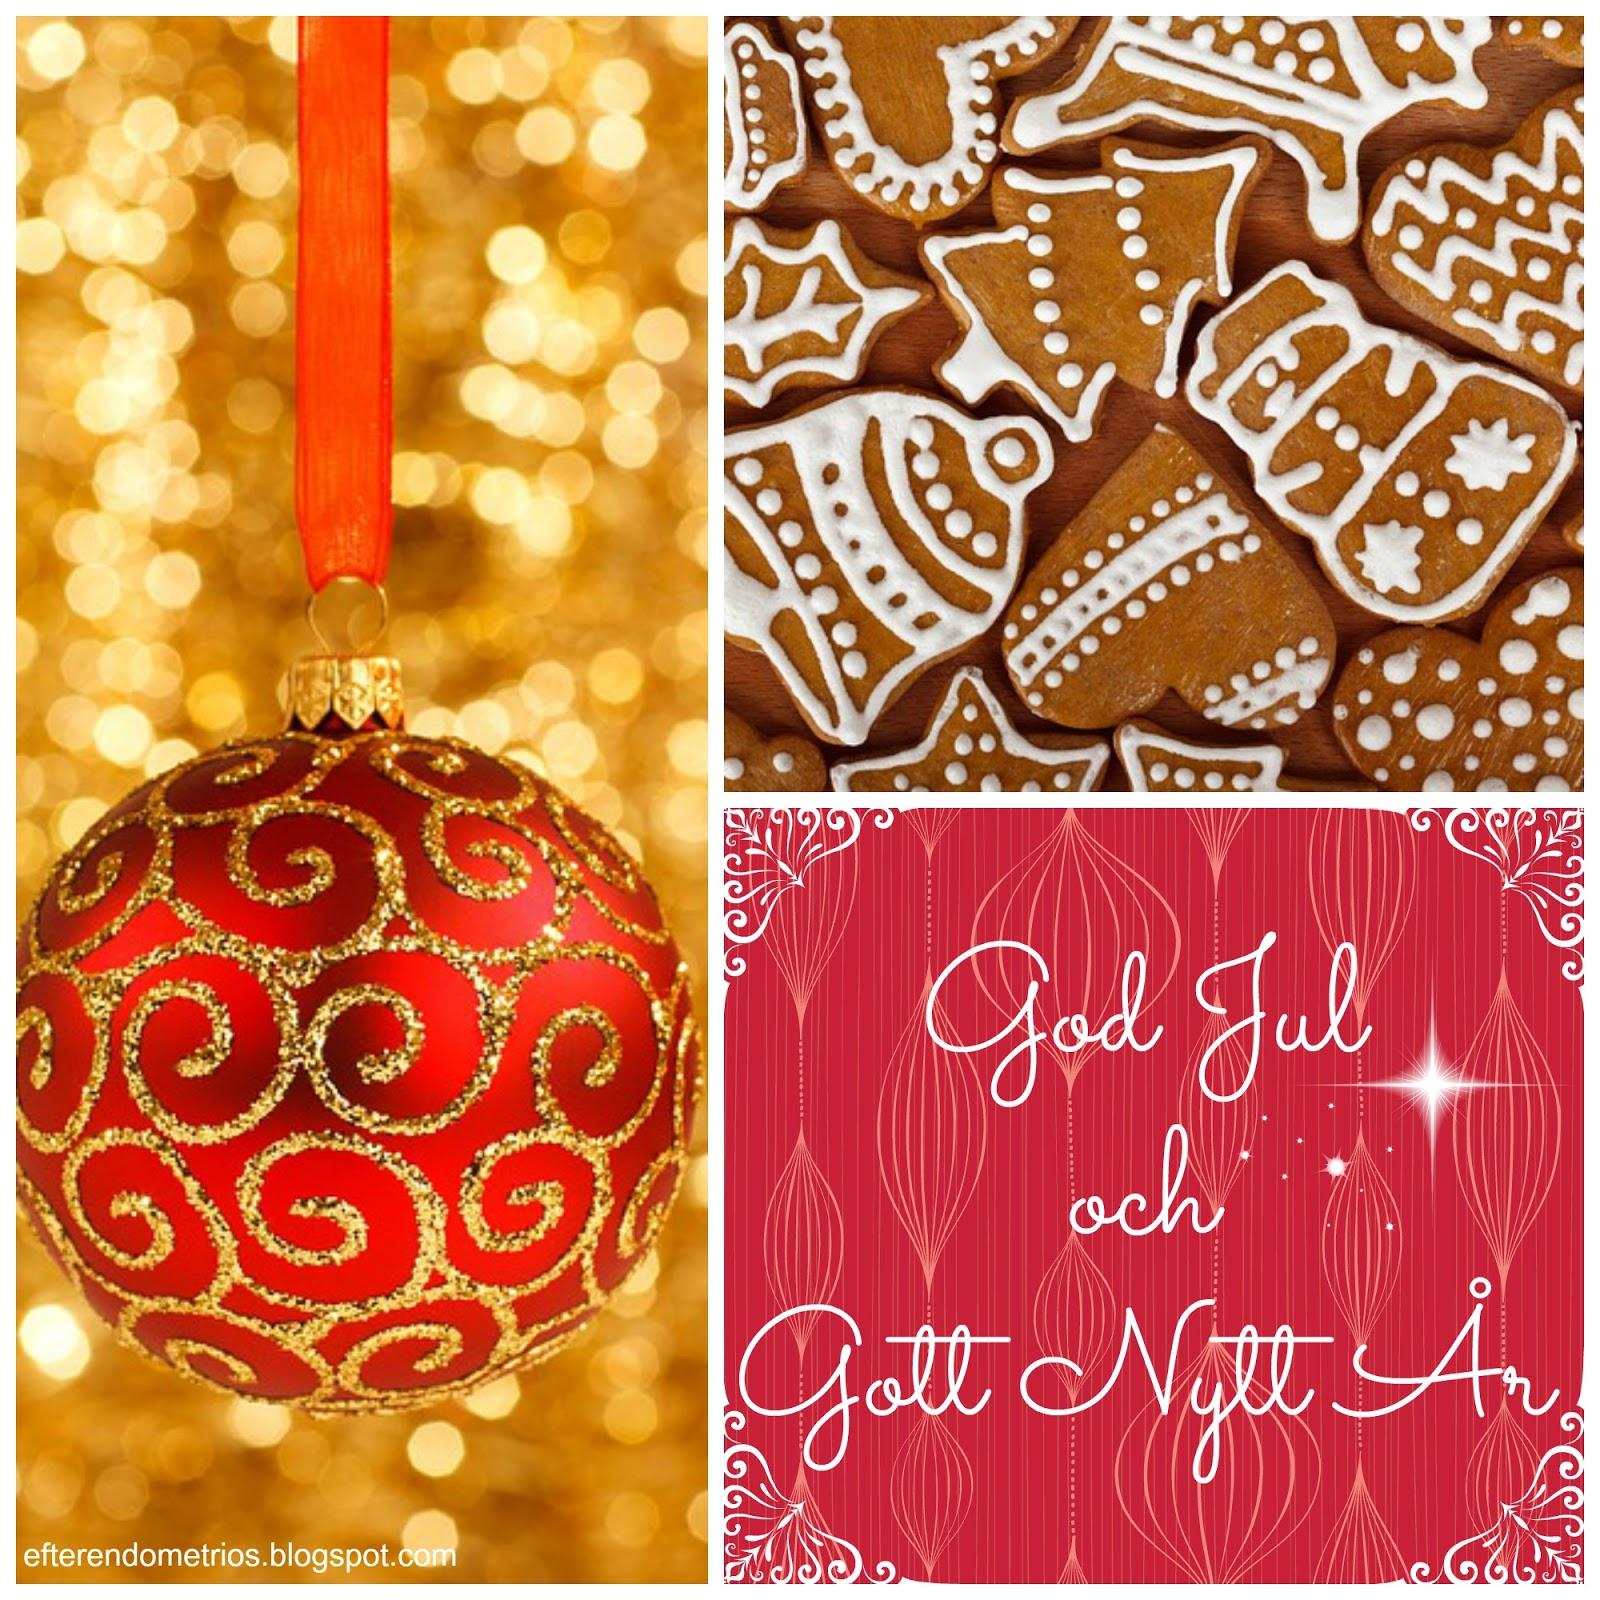 God Jul och Gott Nytt År från Efter Endometrios